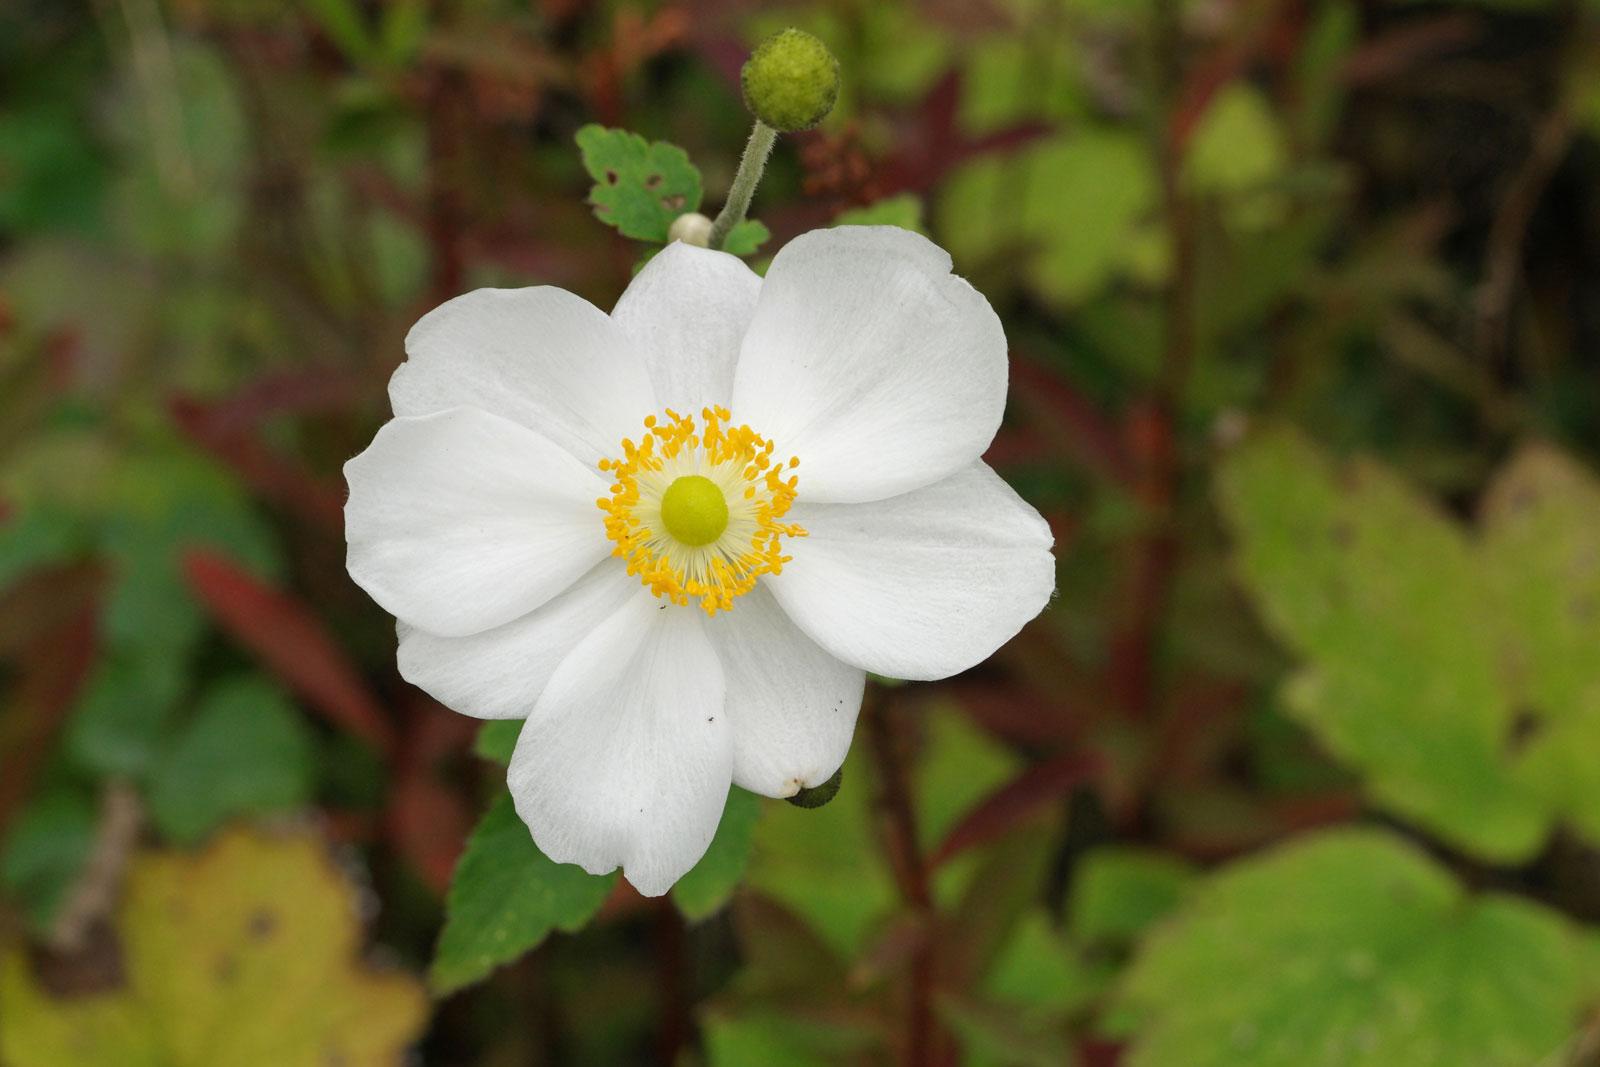 Anemone hupehensis Honorine Jobert